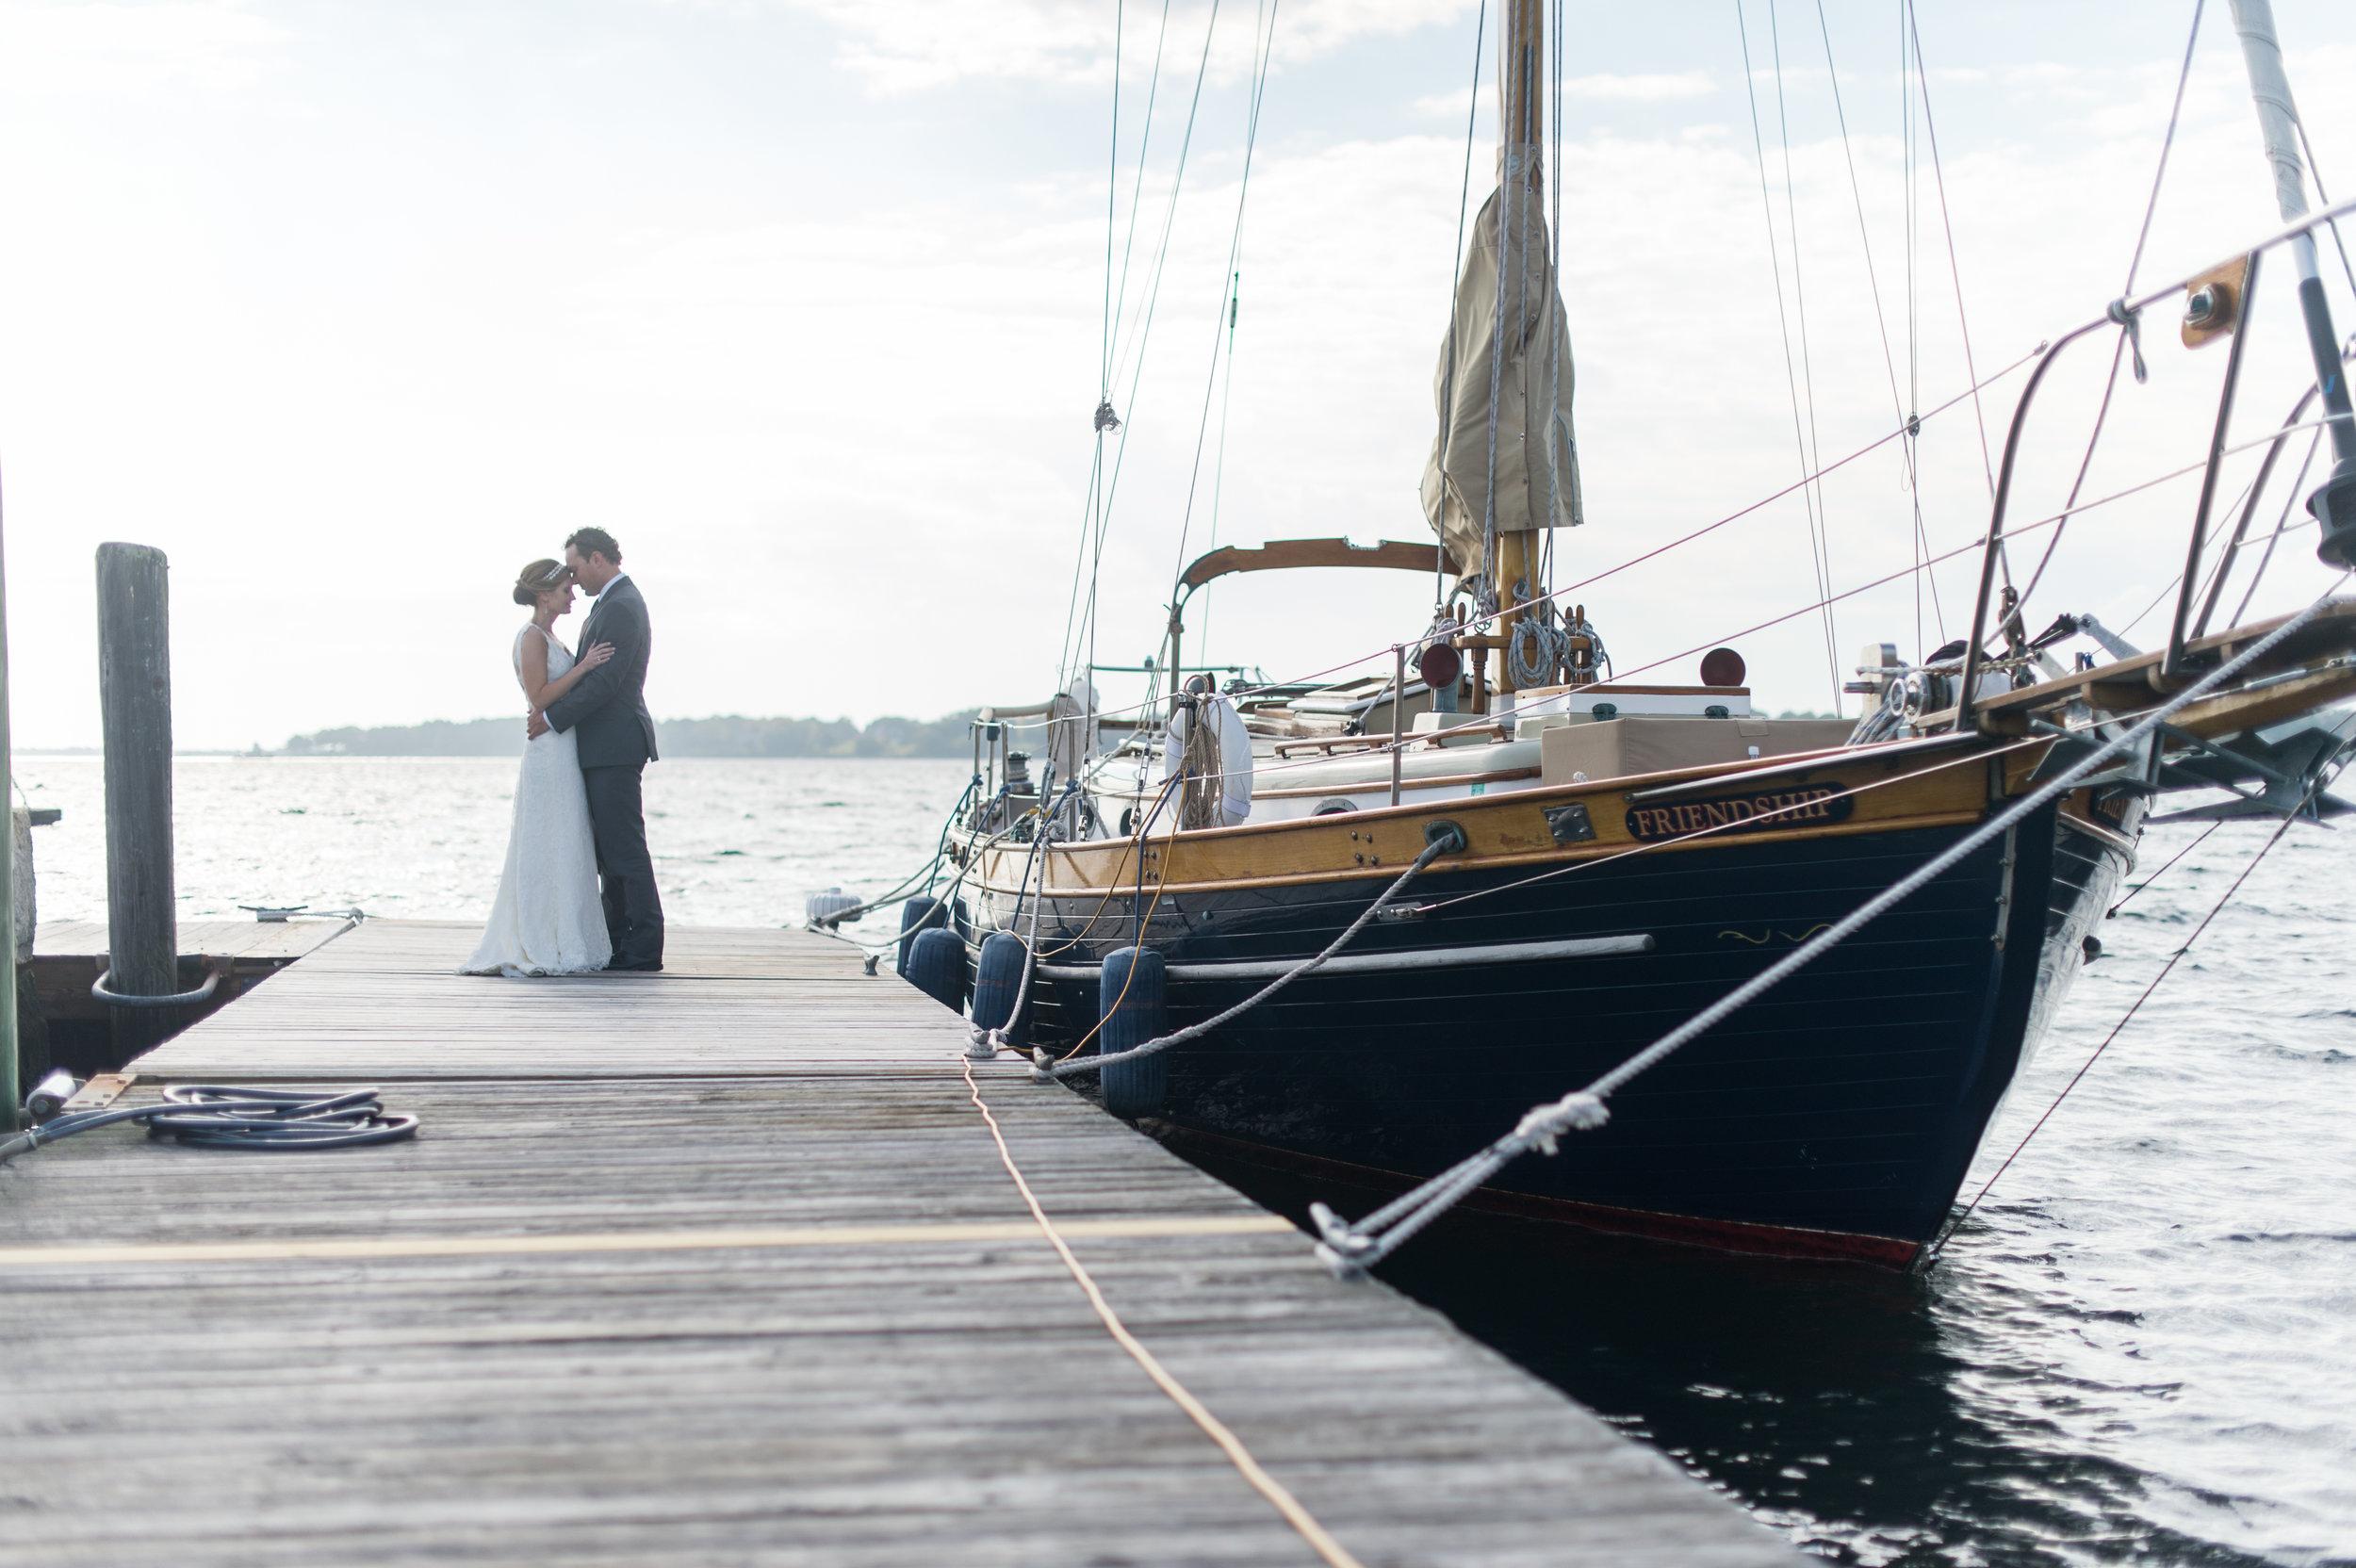 mount-hope-farm-bristol-rhode-island-wedding-leila-brewster-photography-137.jpg